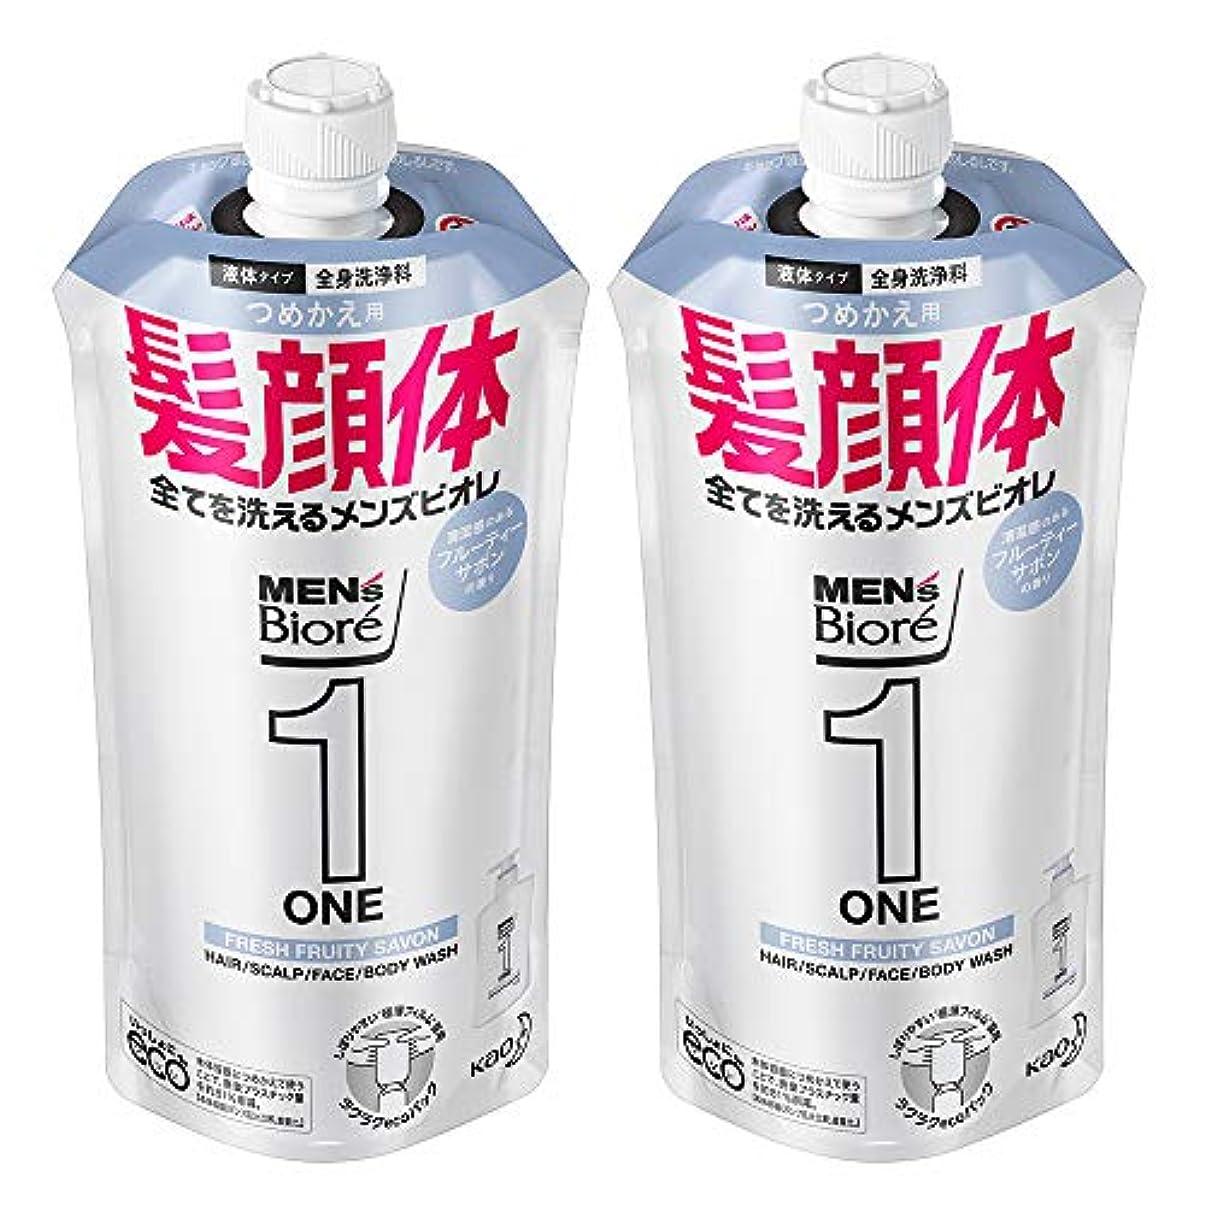 全部囲む社会【まとめ買い】メンズビオレ ONE オールインワン全身洗浄料 フルーティーサボンの香り つめかえ用 340ml×2個